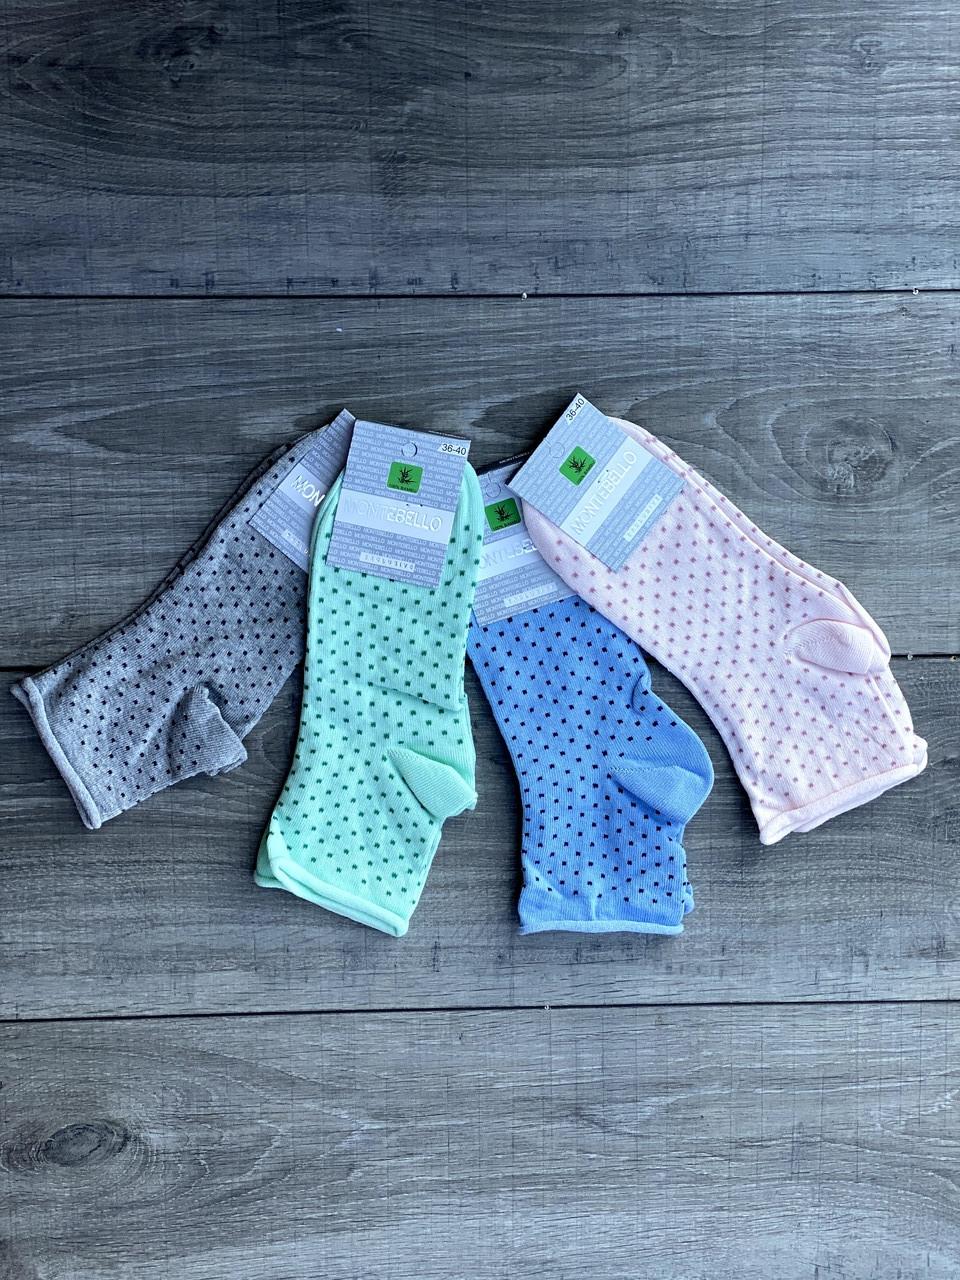 Жіночі носки в горошок шкарпетки Montebello без резинки 35-40 12 шт в уп мікс із 4х кольорів